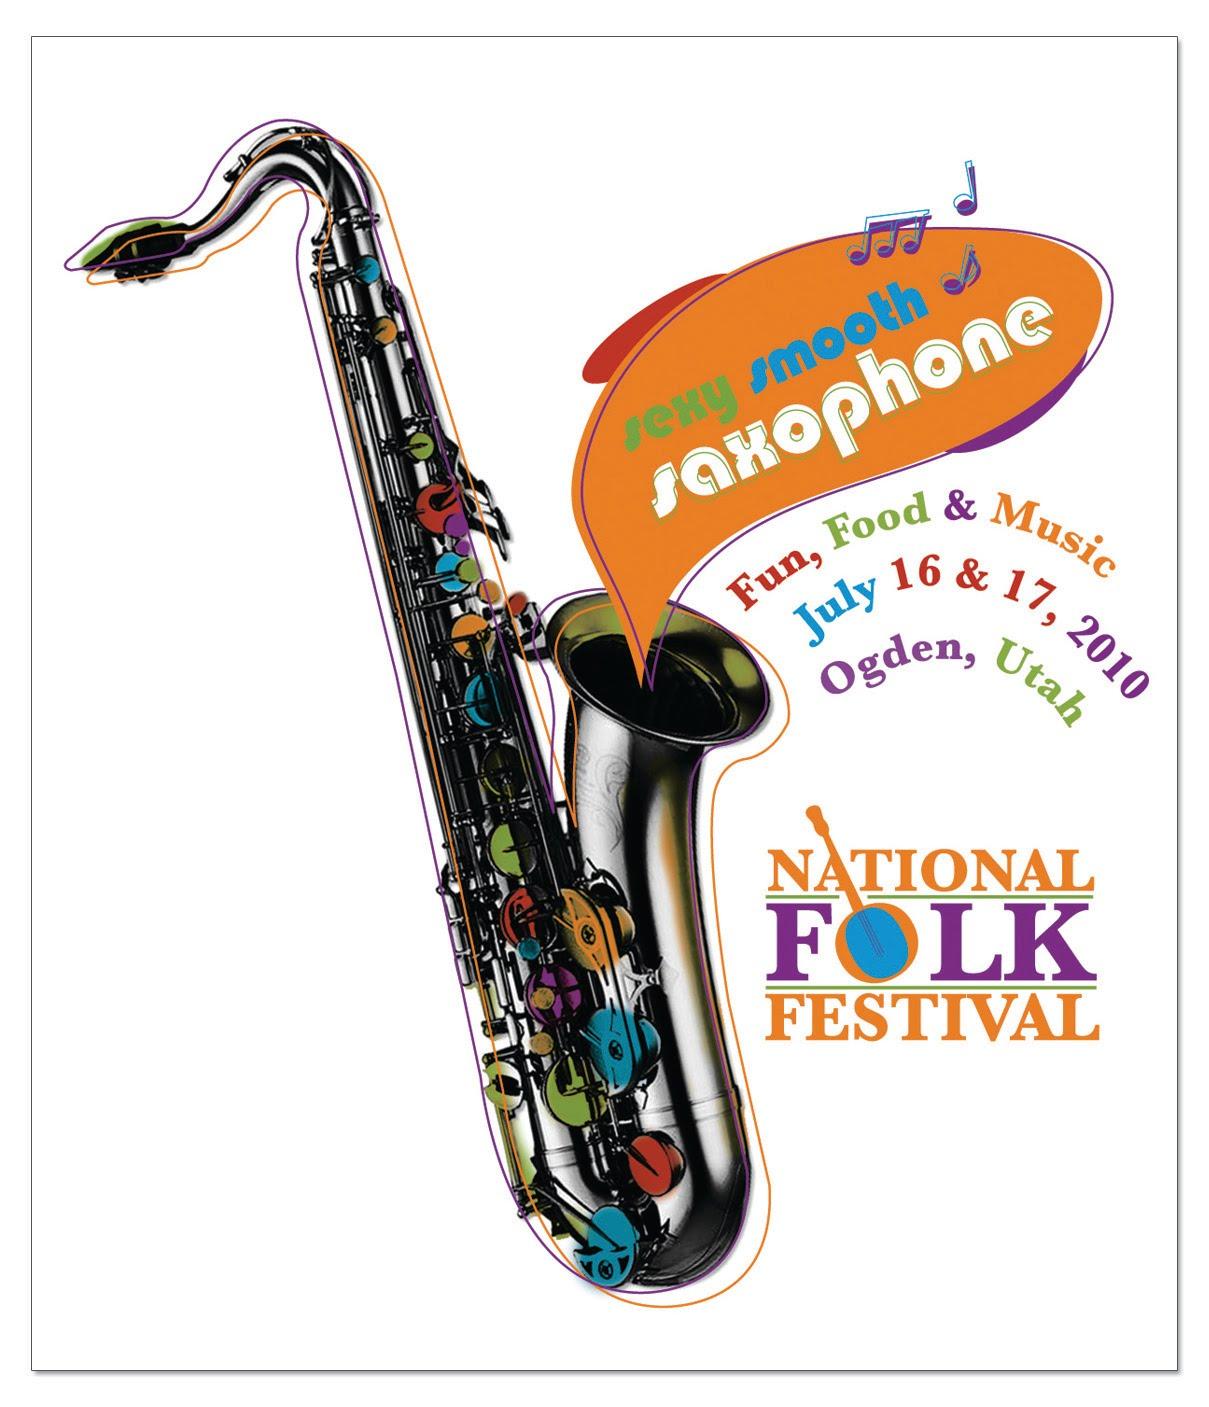 http://2.bp.blogspot.com/_c0kLSvpuXUQ/THsqQrGi2sI/AAAAAAAAAFU/WtI8goakpu0/s1600/saxophoneposter1.jpg